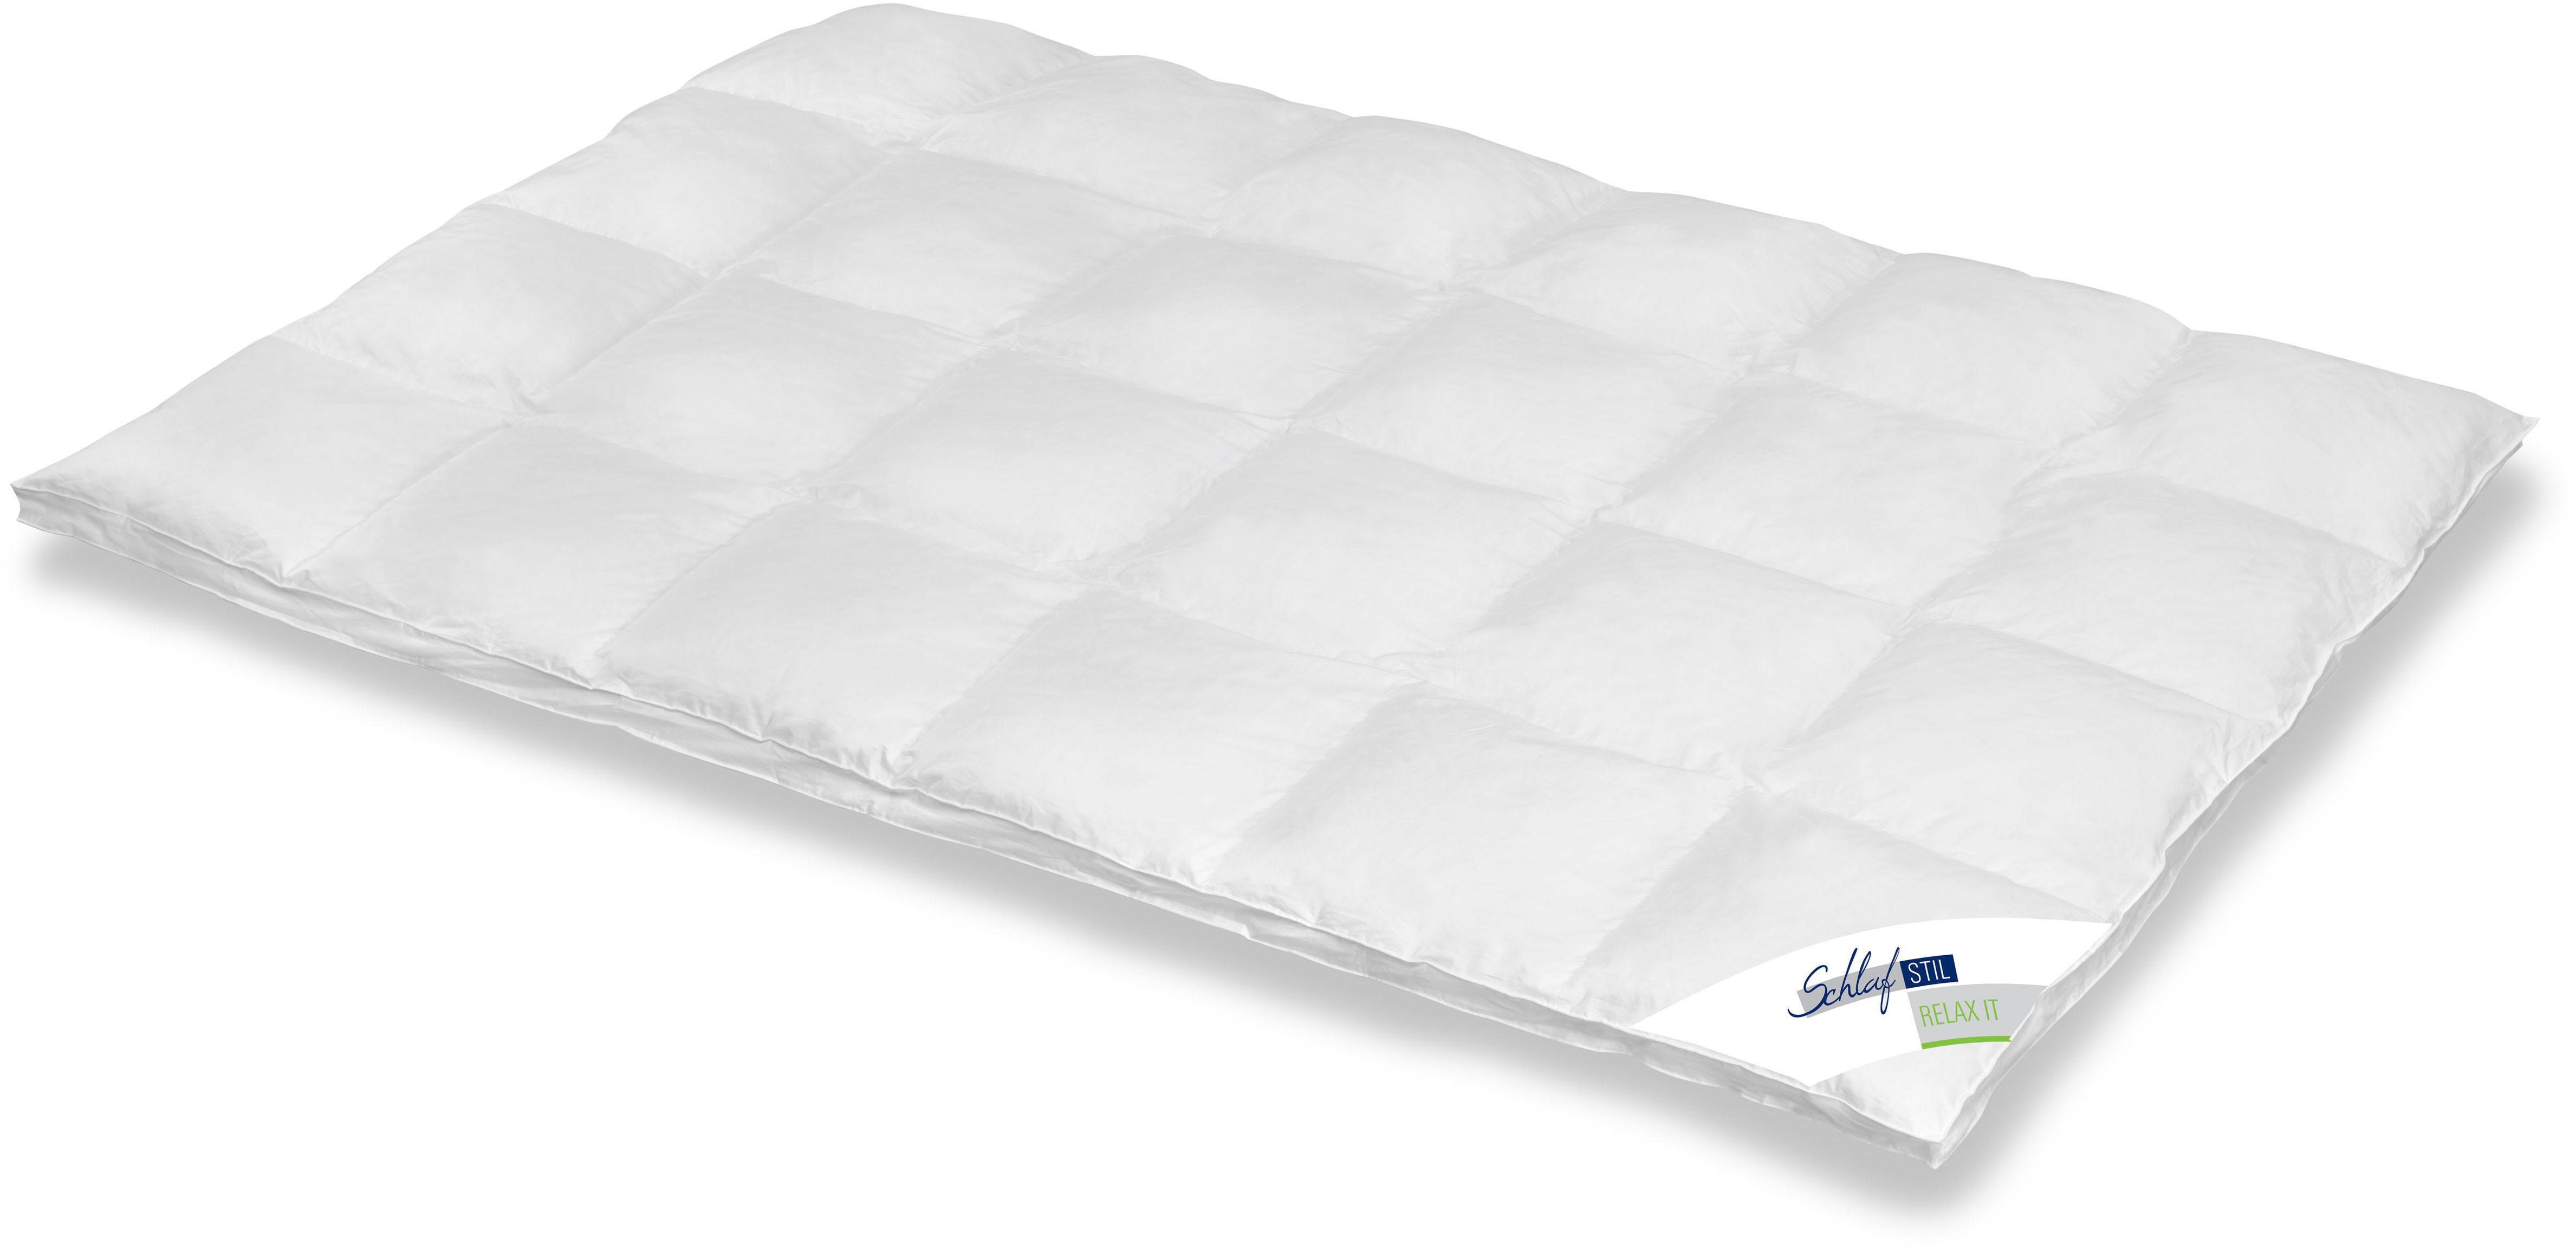 Daunenbettdecke Relax It Schlafstil extrawarm Füllung: 60% Daunen 40% Federn Bezug: 100% Baumwolle